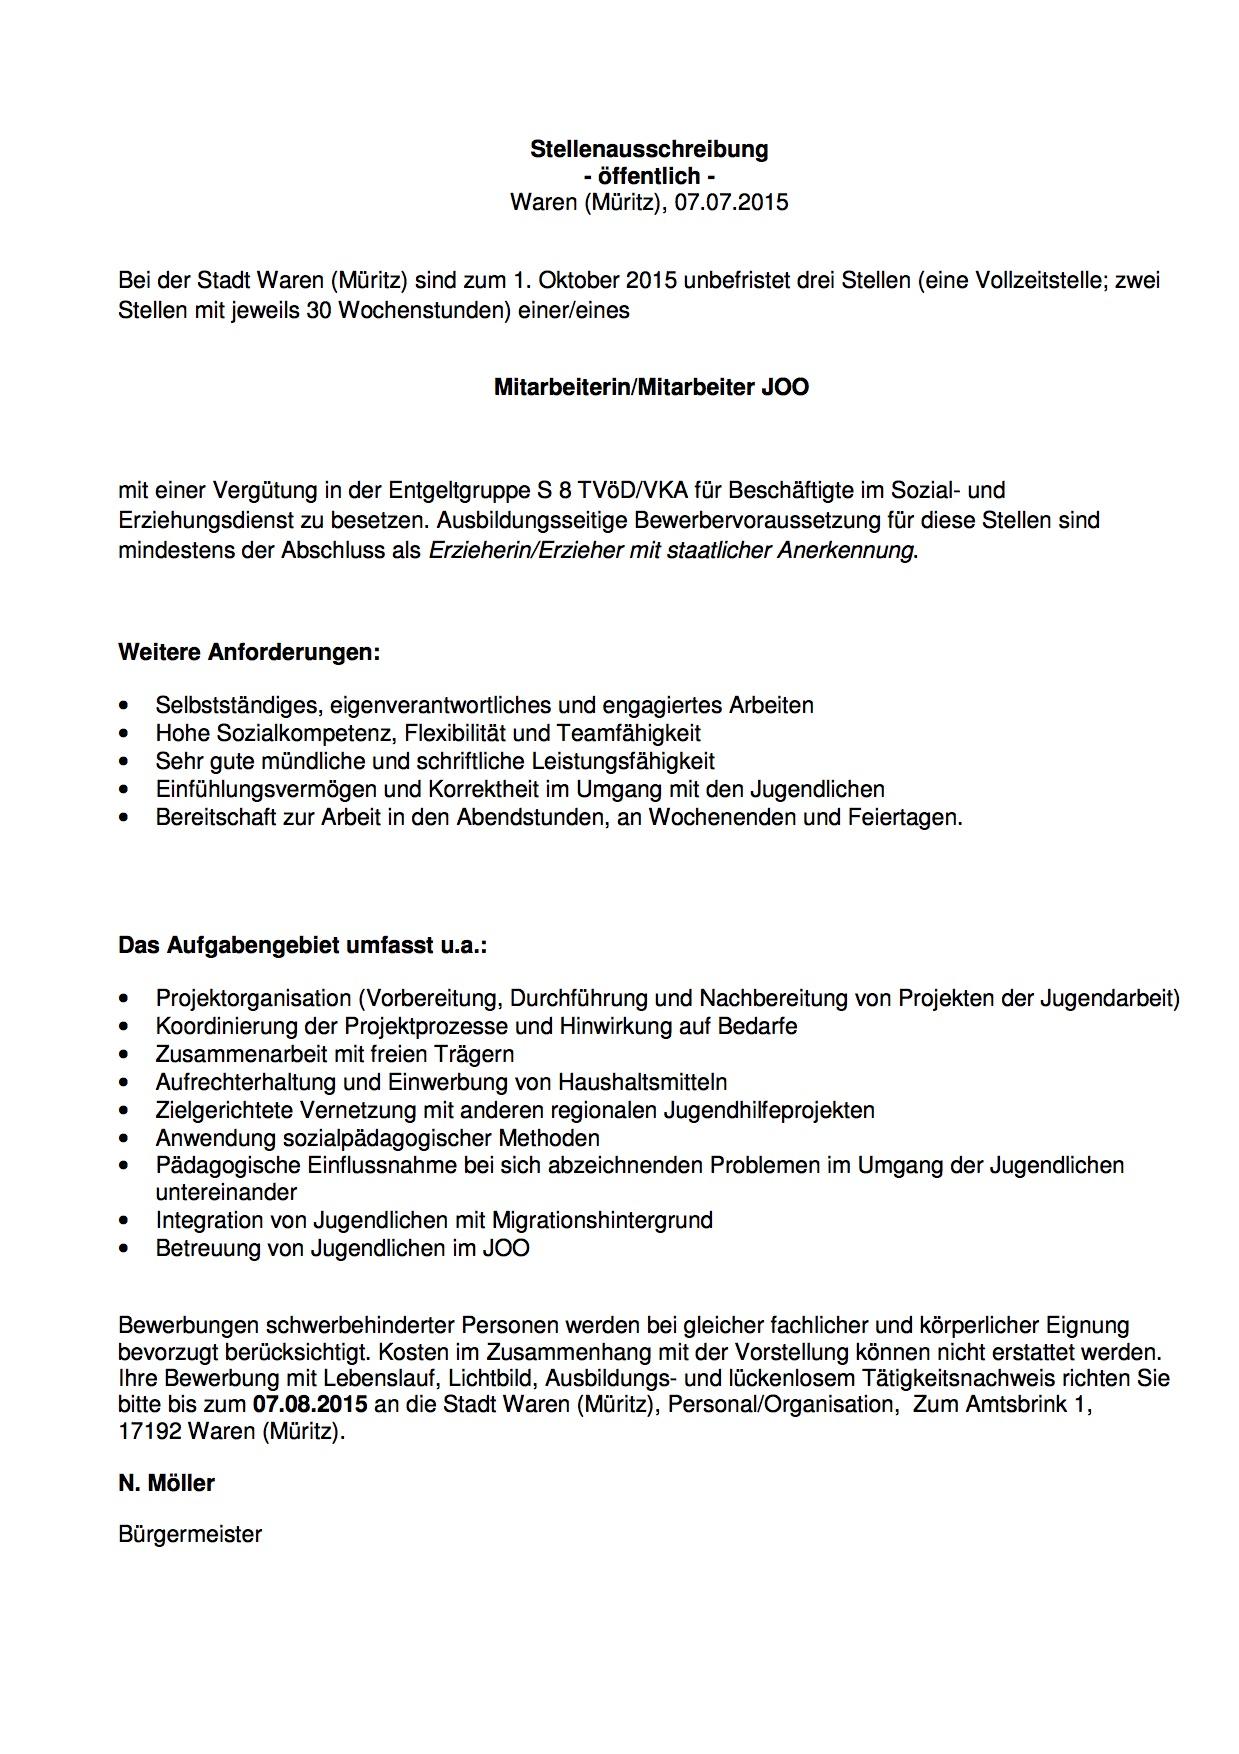 2015-07-31 Stellenausschreibung